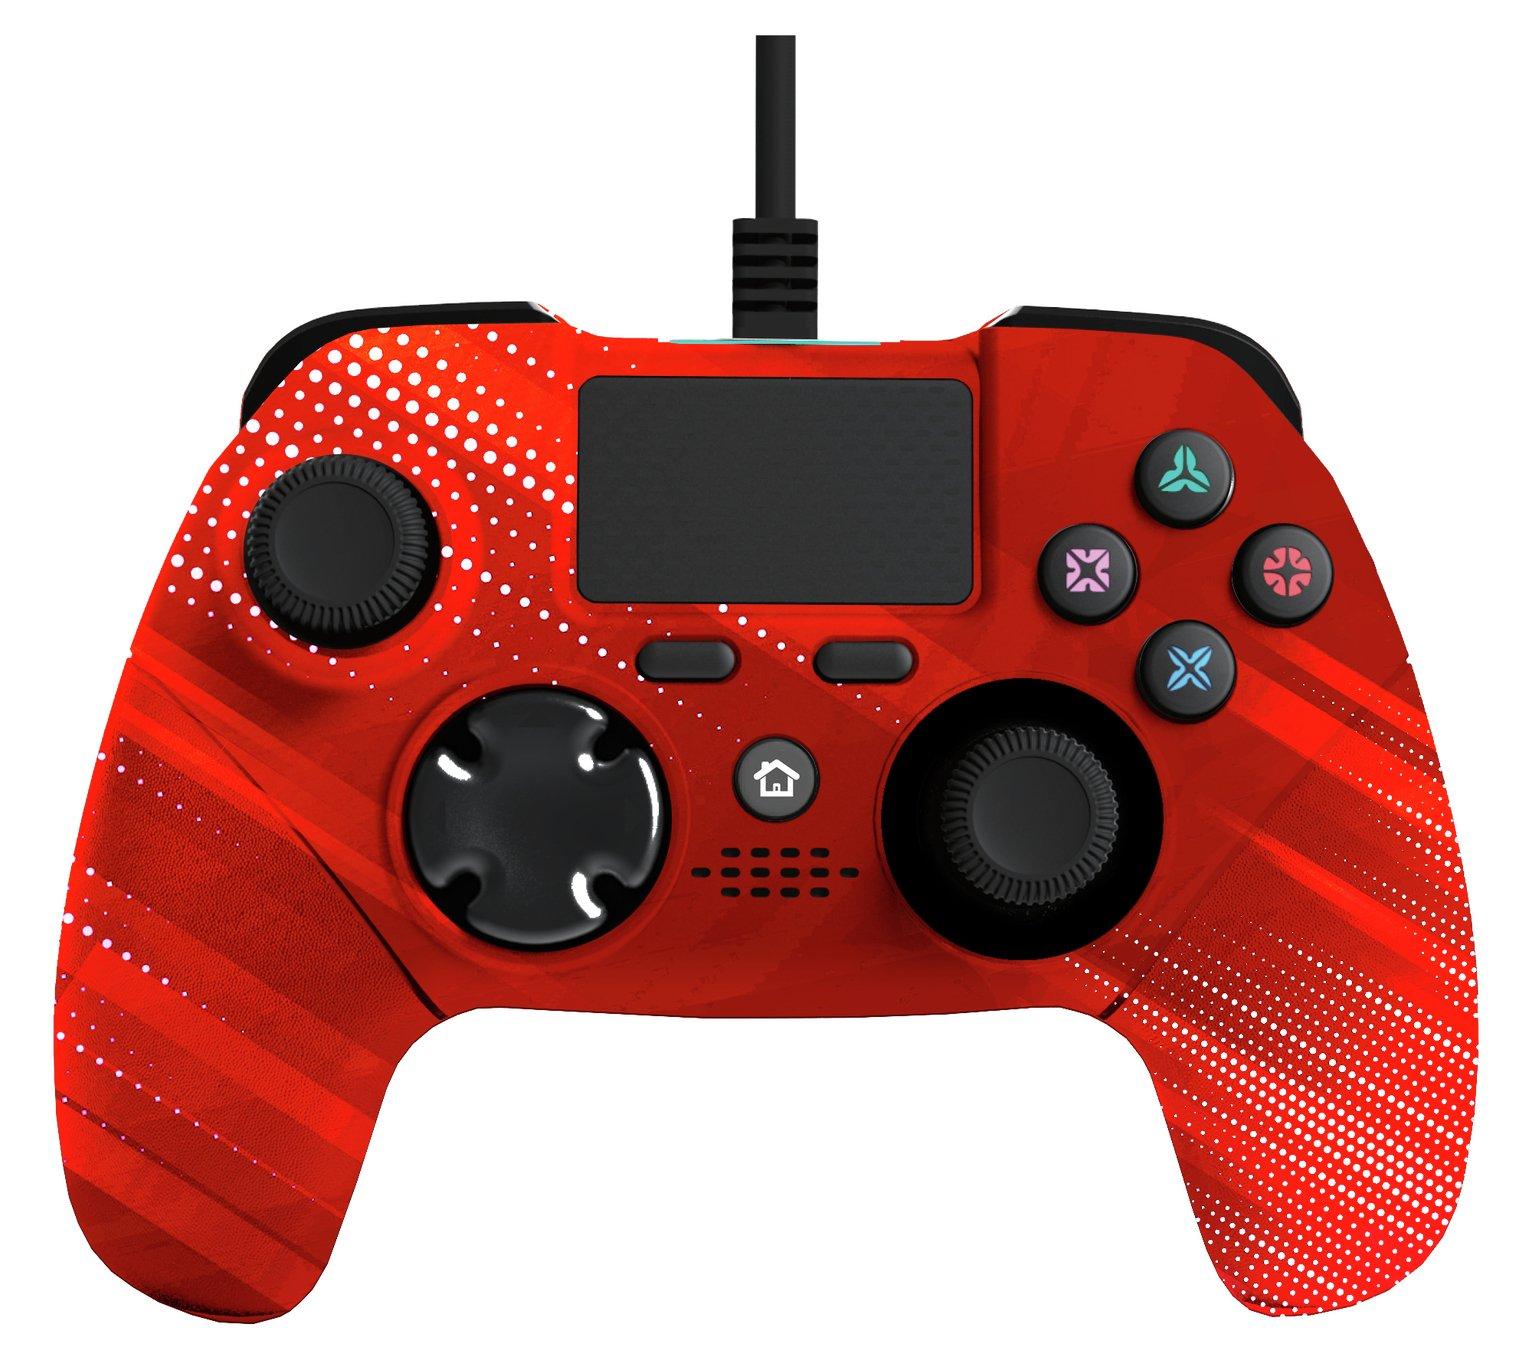 Nitro Controller for PS4